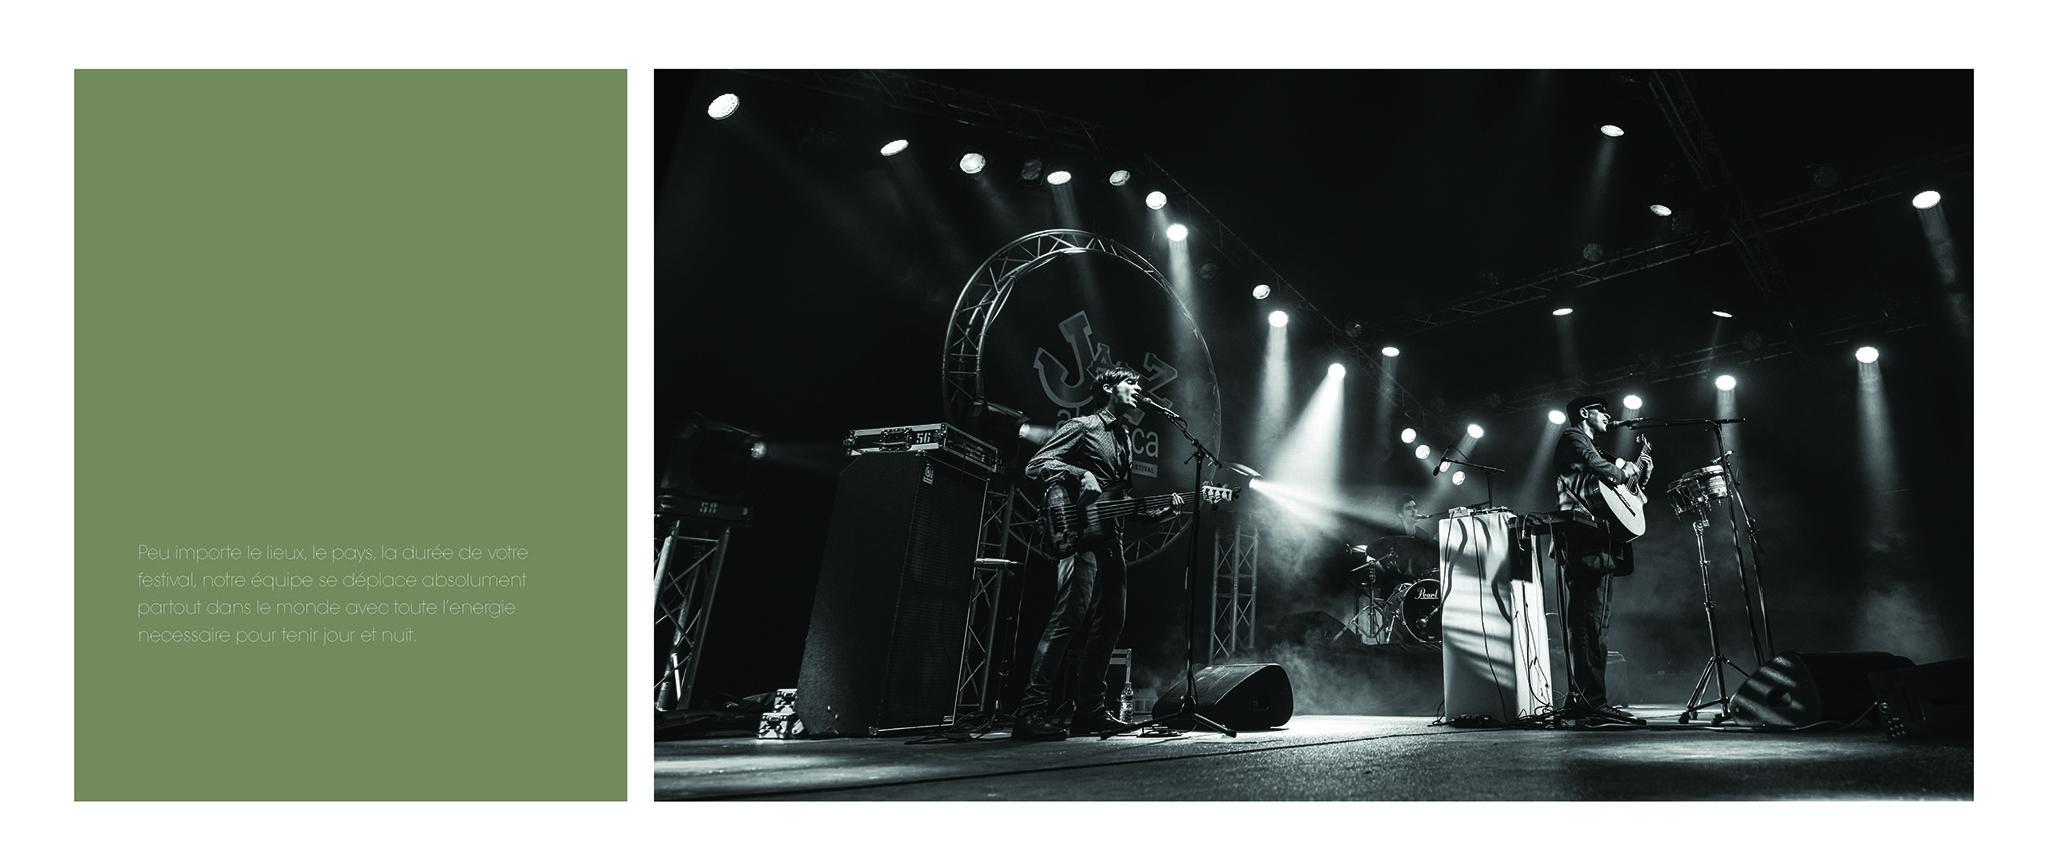 Studio,photographe evenementiel,Biarritz,evenementielle entreprise,Cours photo Lyon,Studio,strasbourg,photographe evenementiel,agences,communications,photographe evenementiel,paris,Studio photo,Studio,agence de communication,geneve,evenementielle entreprise